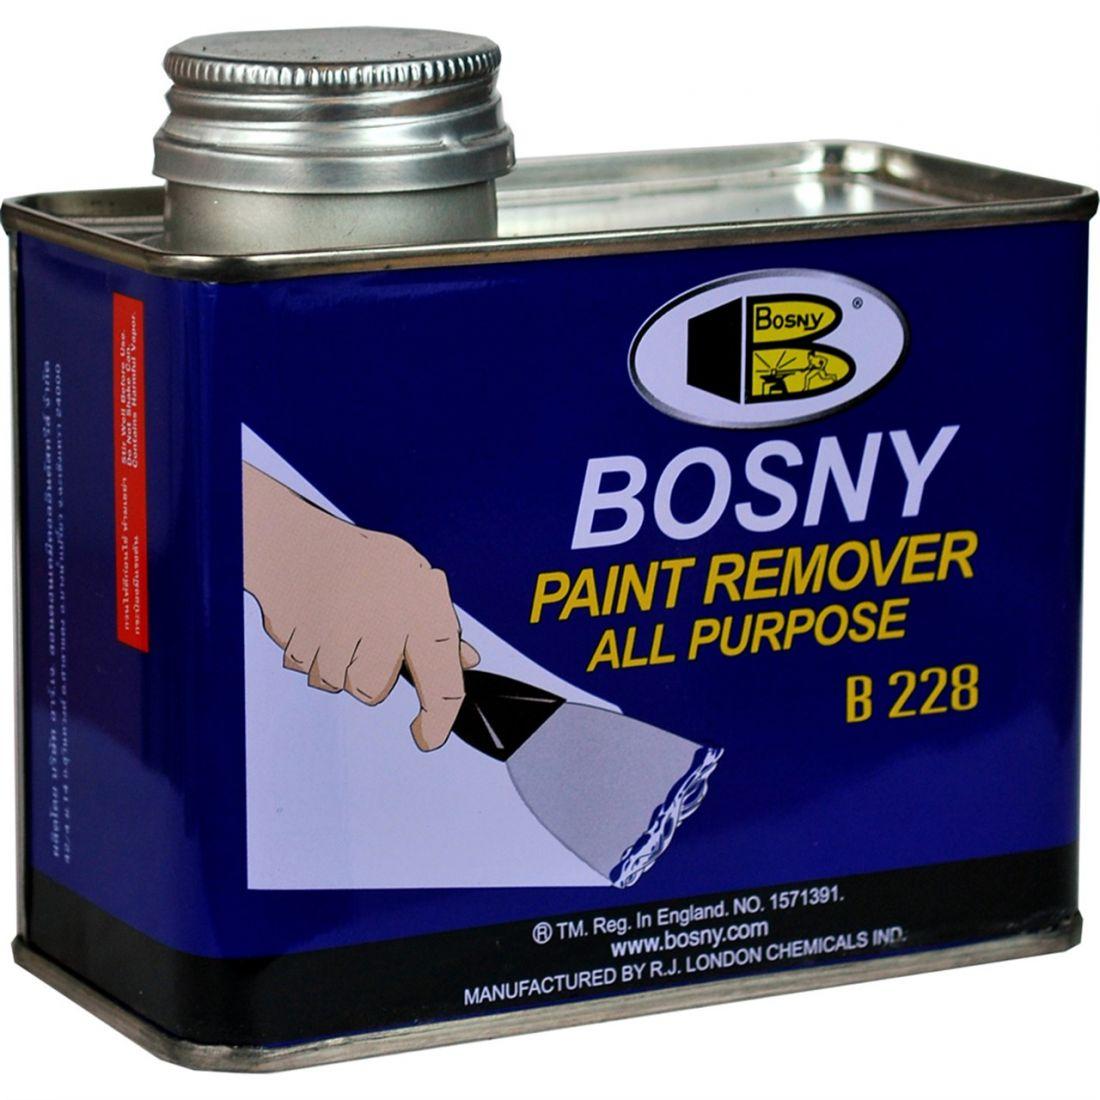 Смывка красок BOSNY гелевая, железна банка, вес 400 гр.